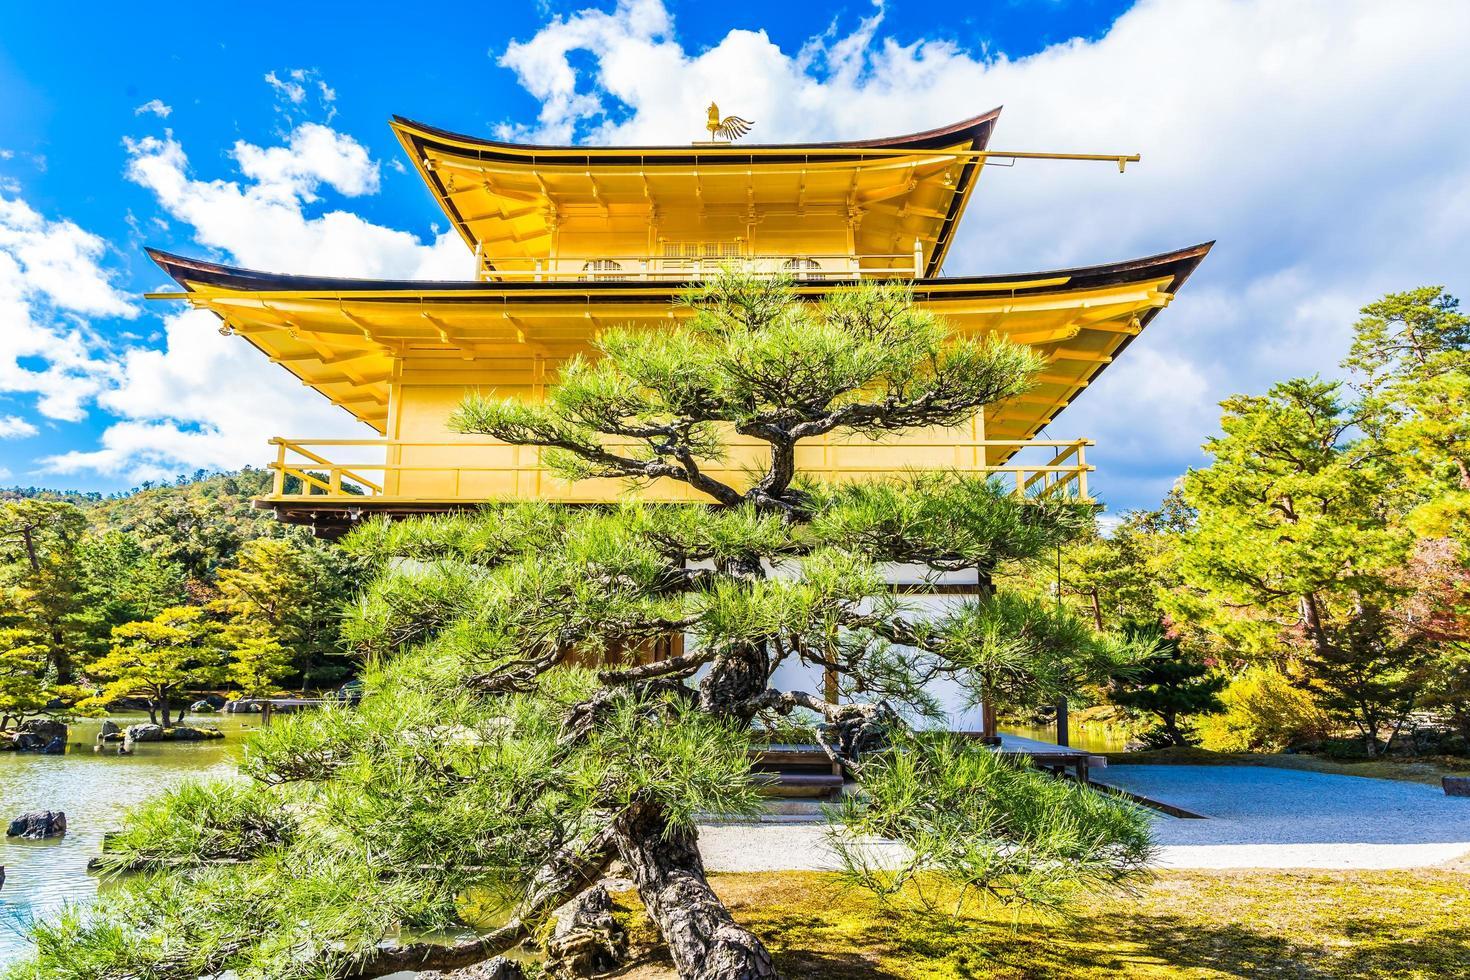 kinkakuji-templet eller den gyllene paviljongen i Kyoto, Japan foto